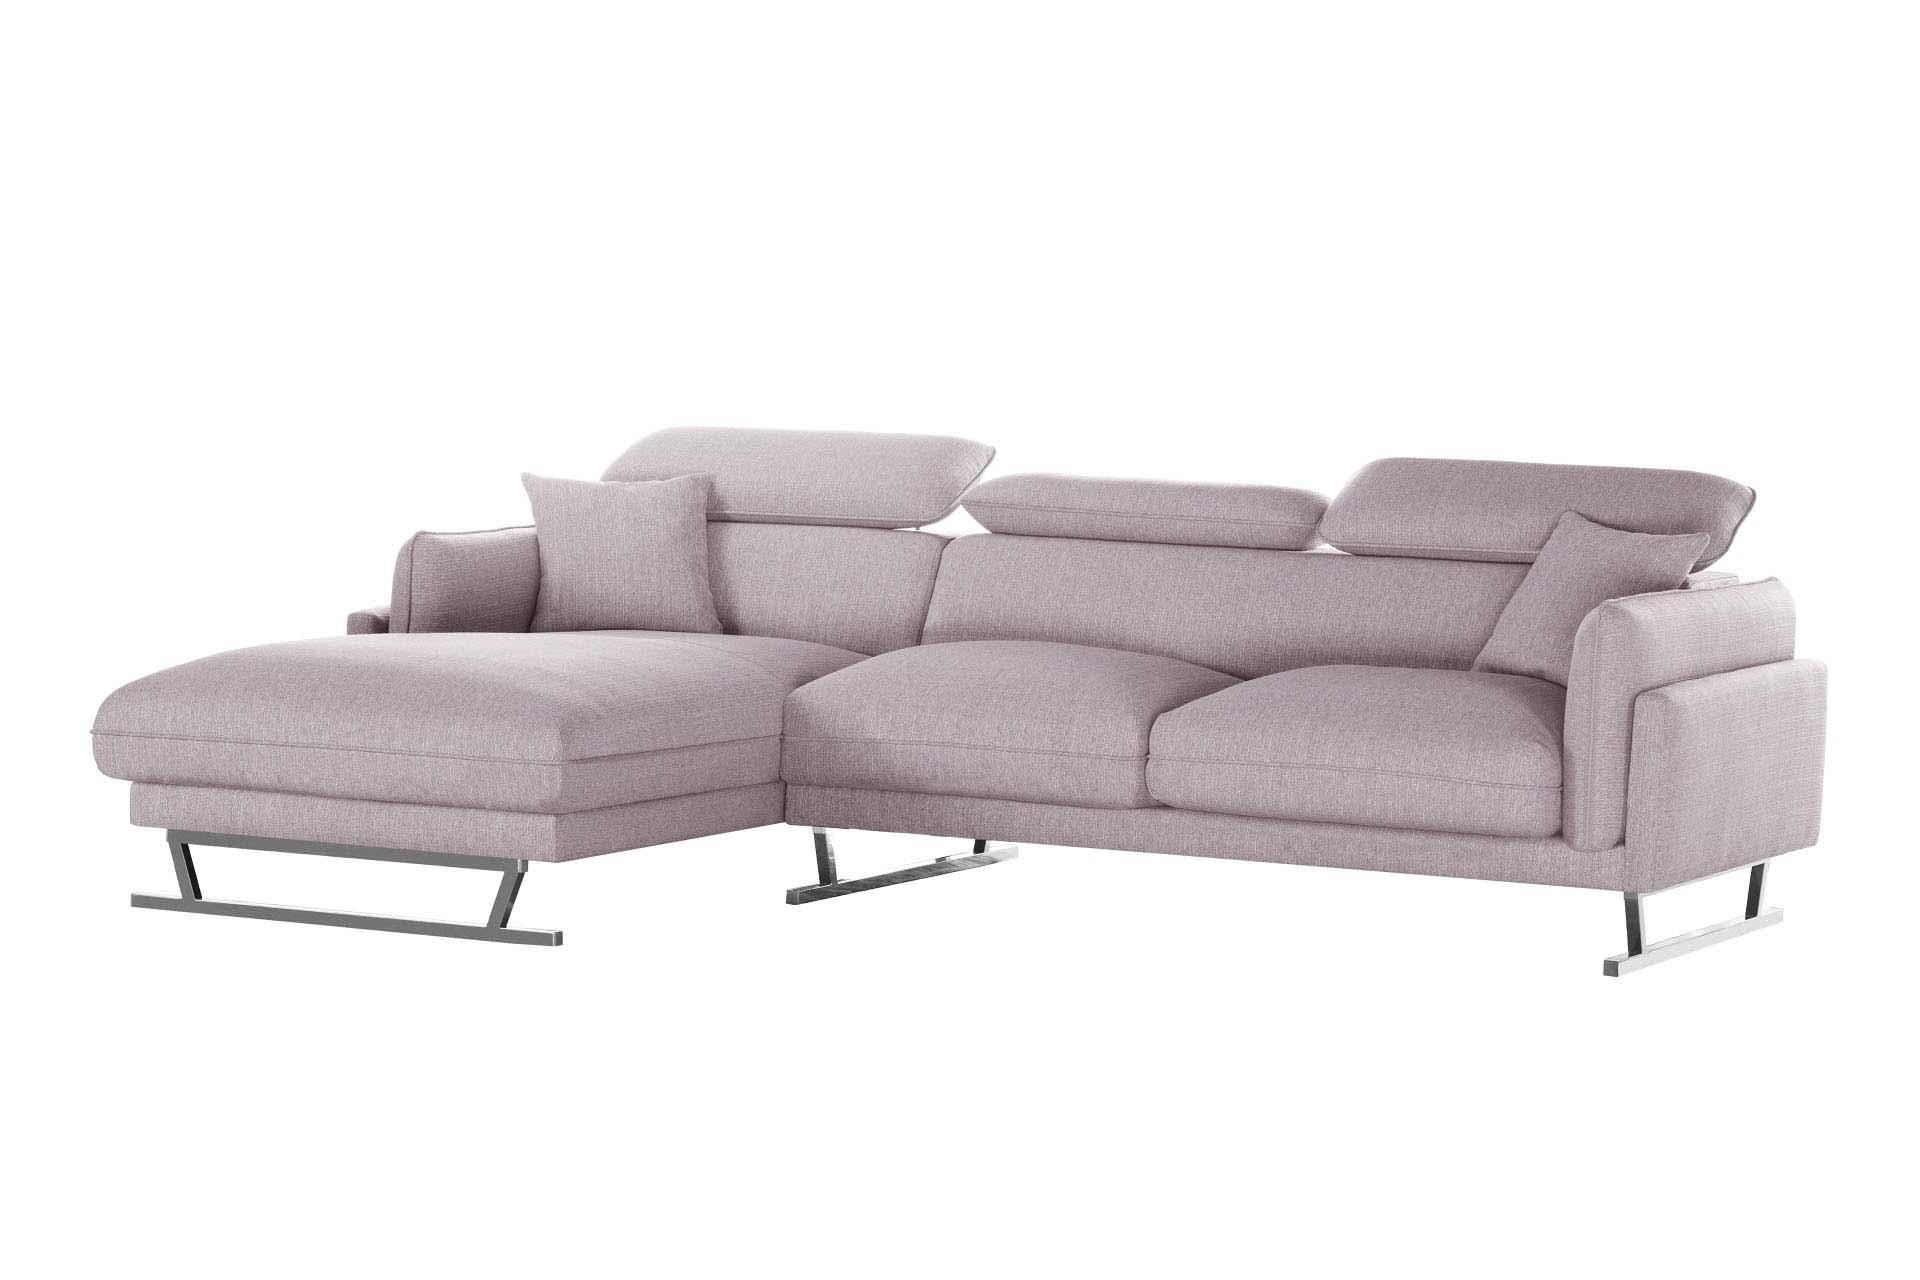 Canapé d'angle 5 places Rose Tissu Design Confort